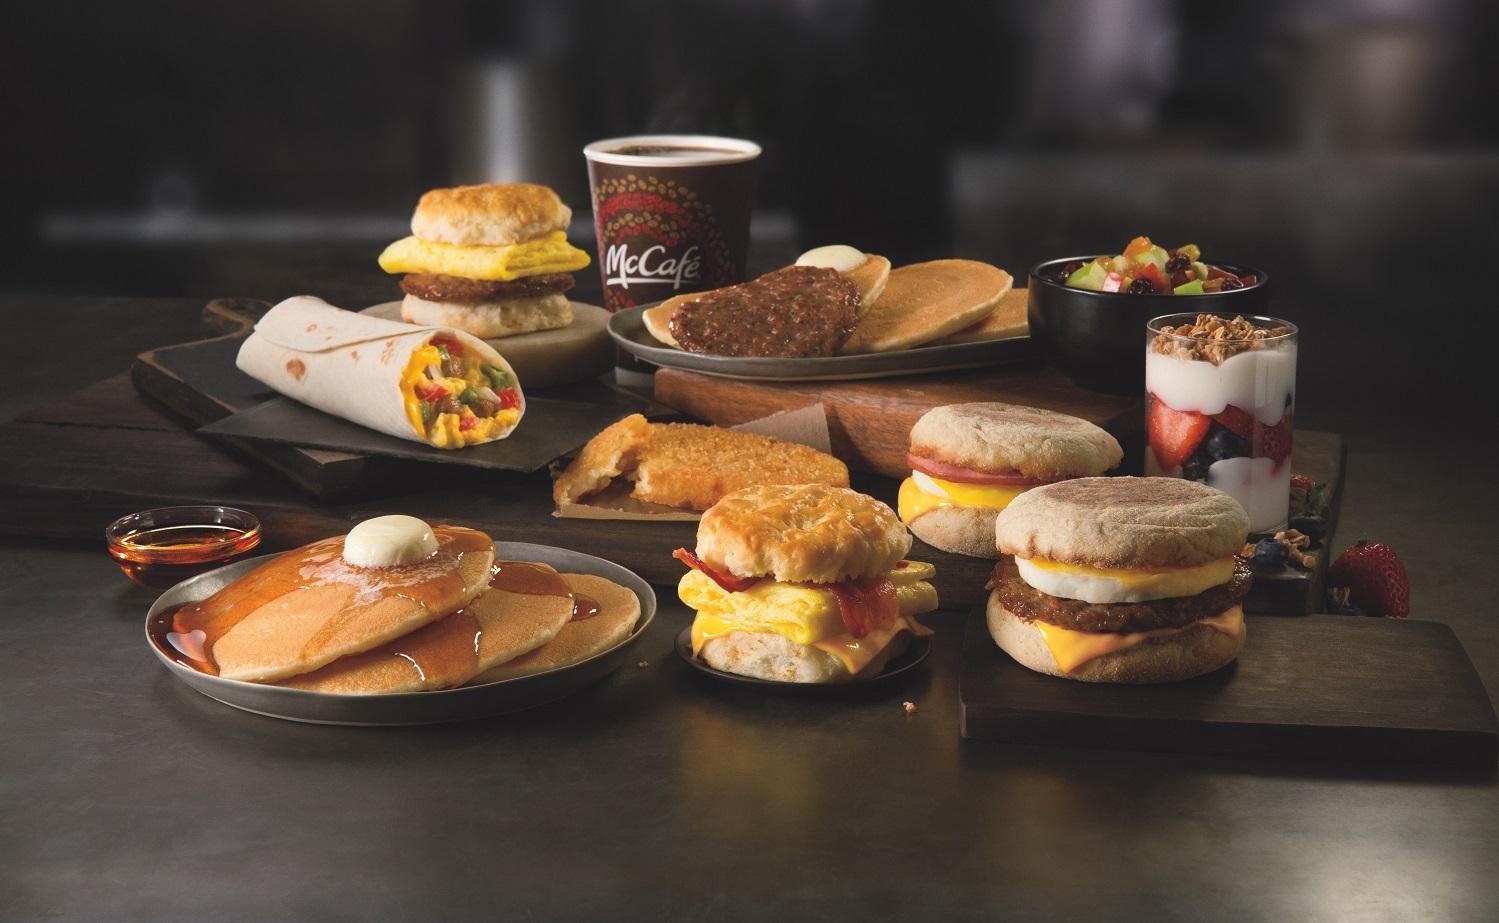 40 фотографий, которые показывают, как отличается еда в «Макдоналдс» в разных странах